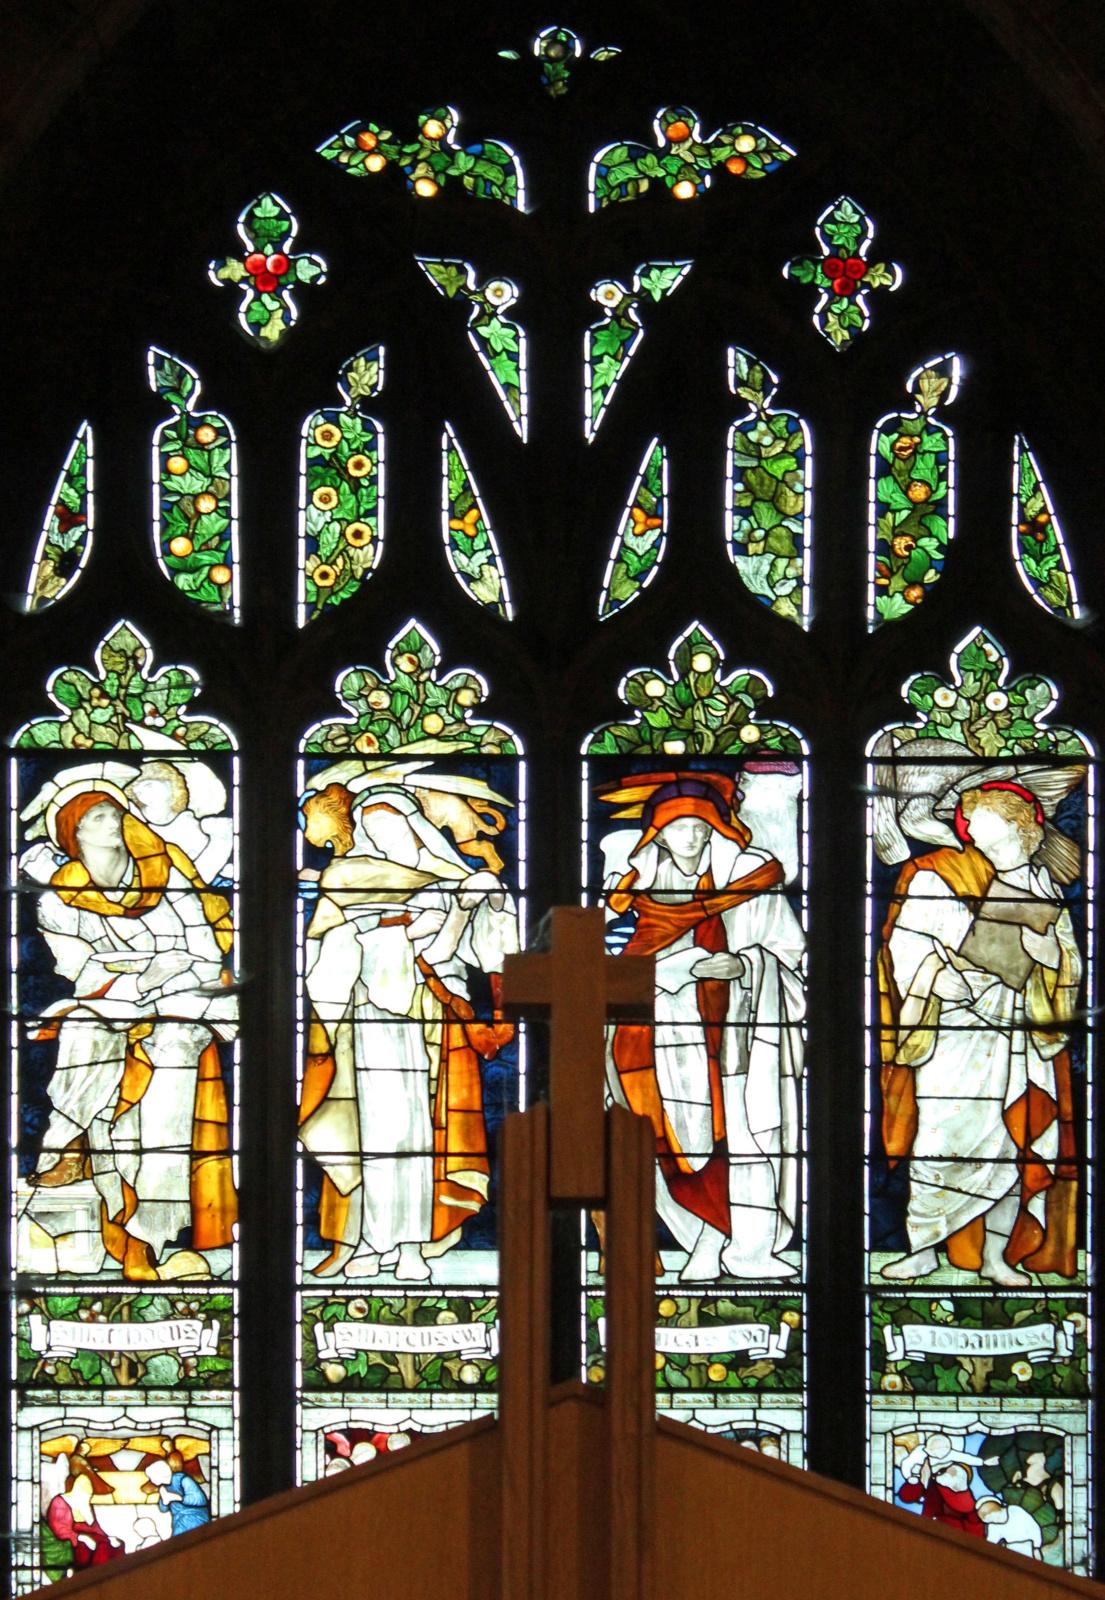 William Morris.  La fenêtre ouest des quatre évangélistes de l'église de la Toussaint à Allerton (co-auteur d'Edward Burne-Jones)